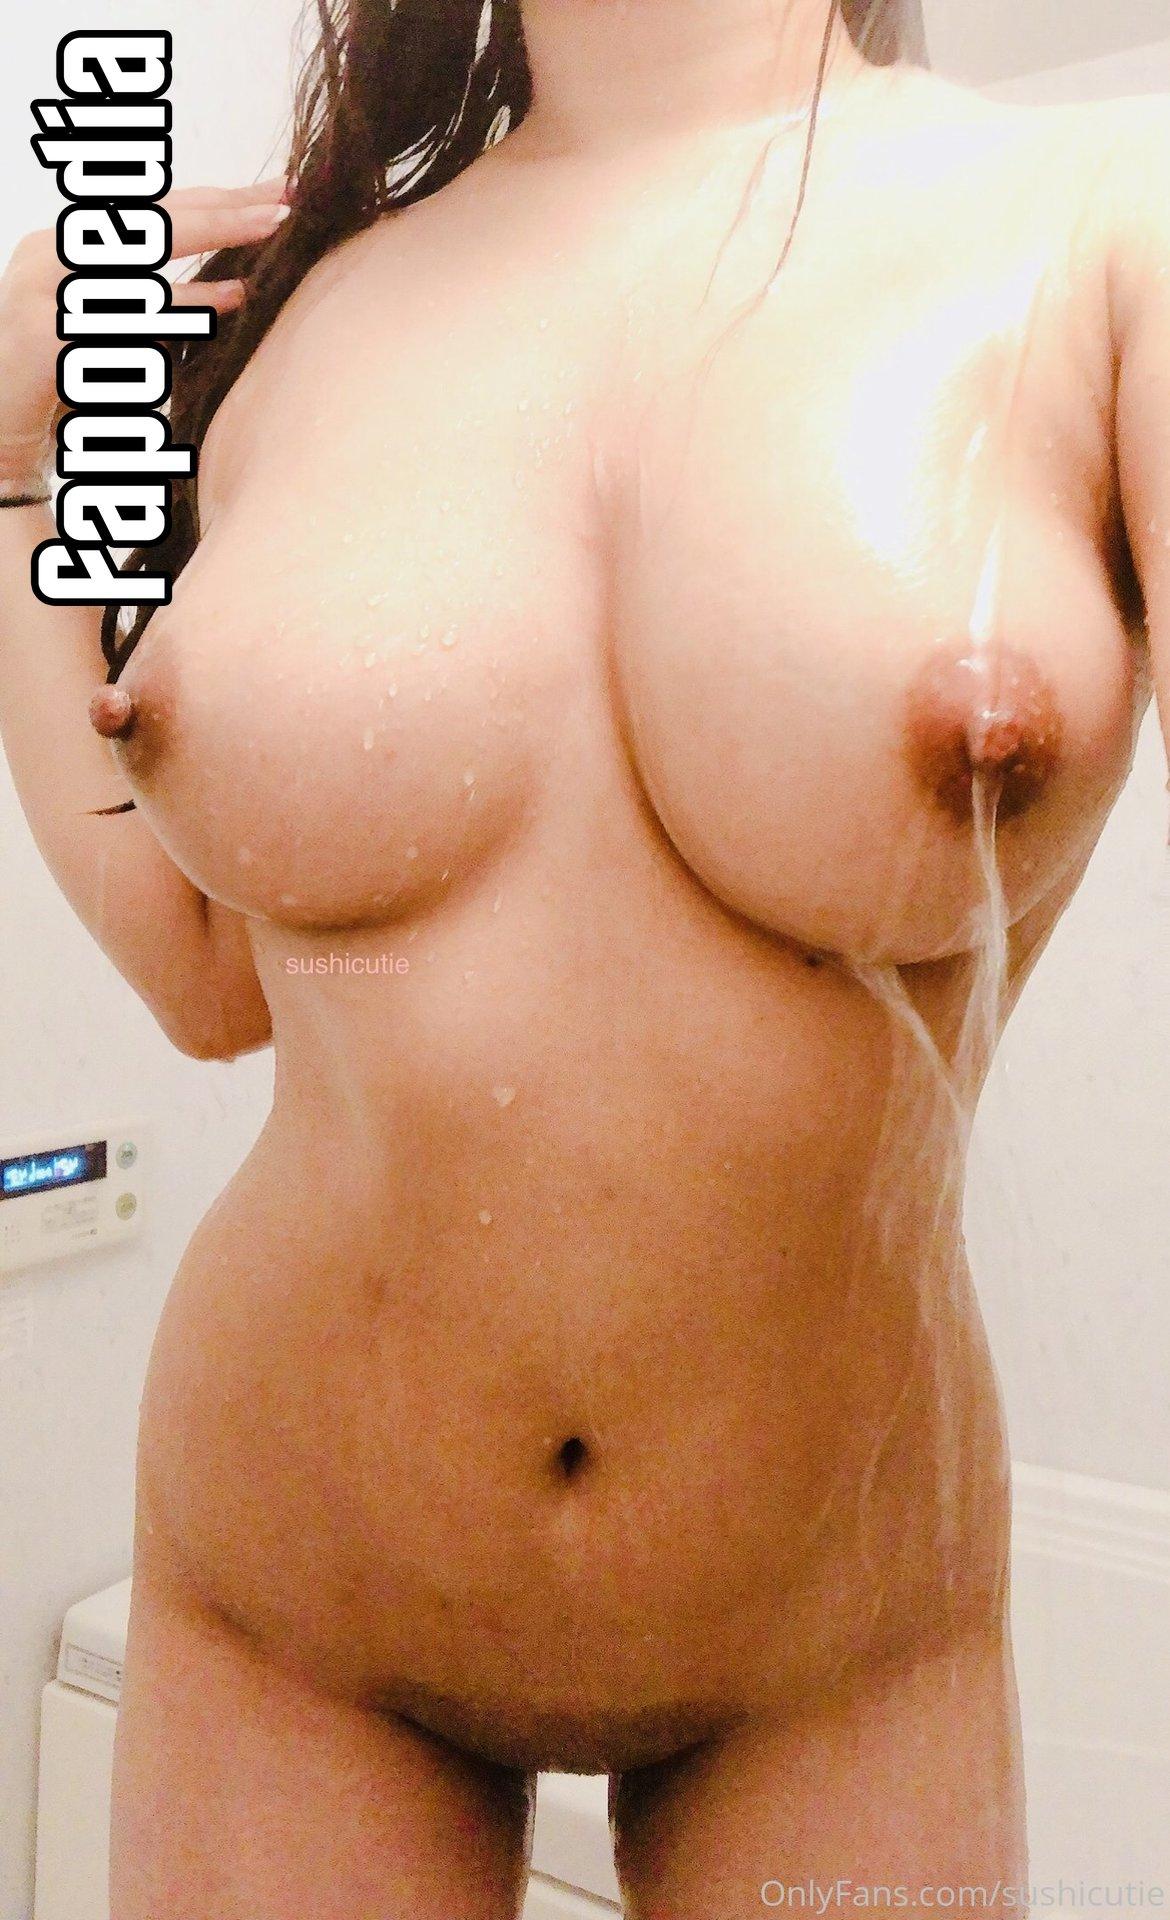 Sushicutie Nude Leaks